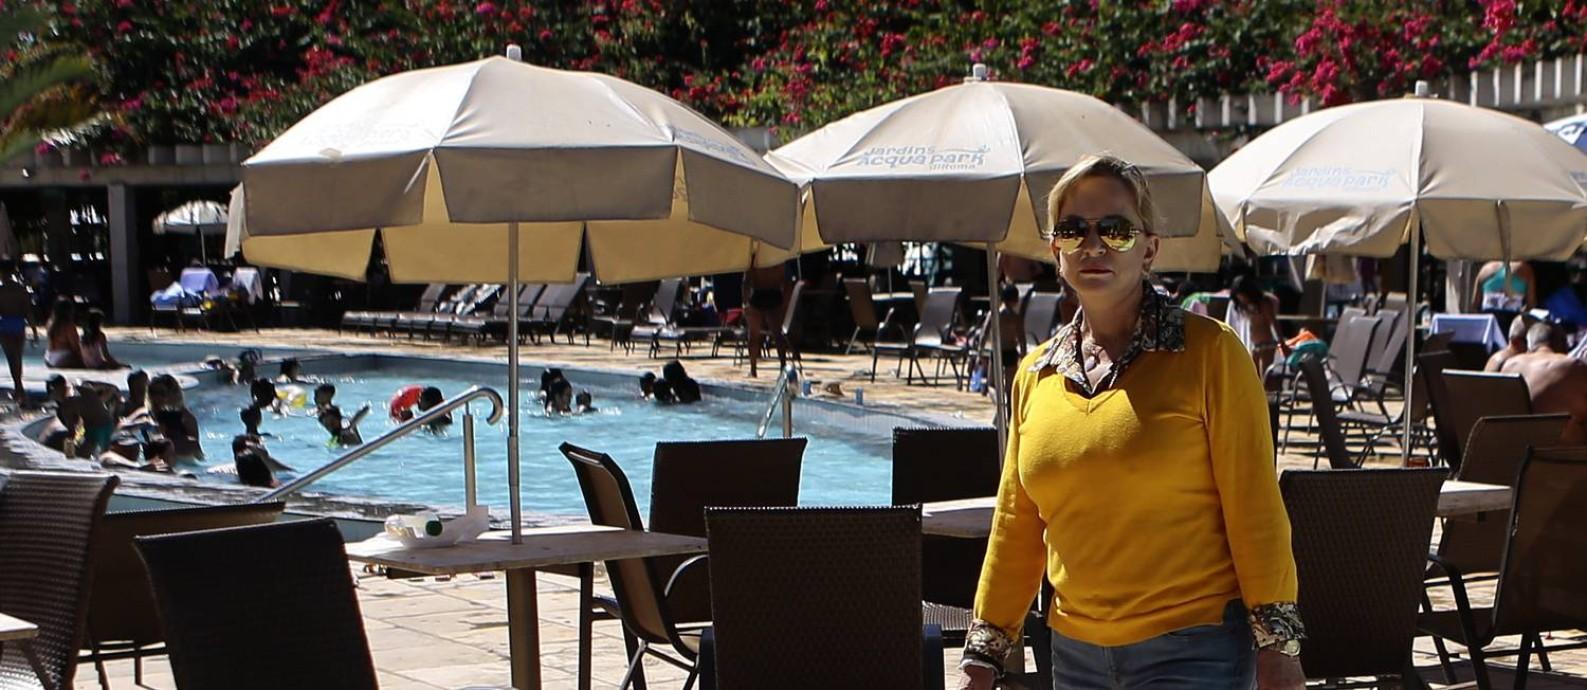 Magda Mofatto é dona em Caldas Novas, Goiás, de negócios milionários, que incluem parques temáticos, 11 condomínios, dois hotéis e uma construtora Foto: Jorge William / Agência O Globo